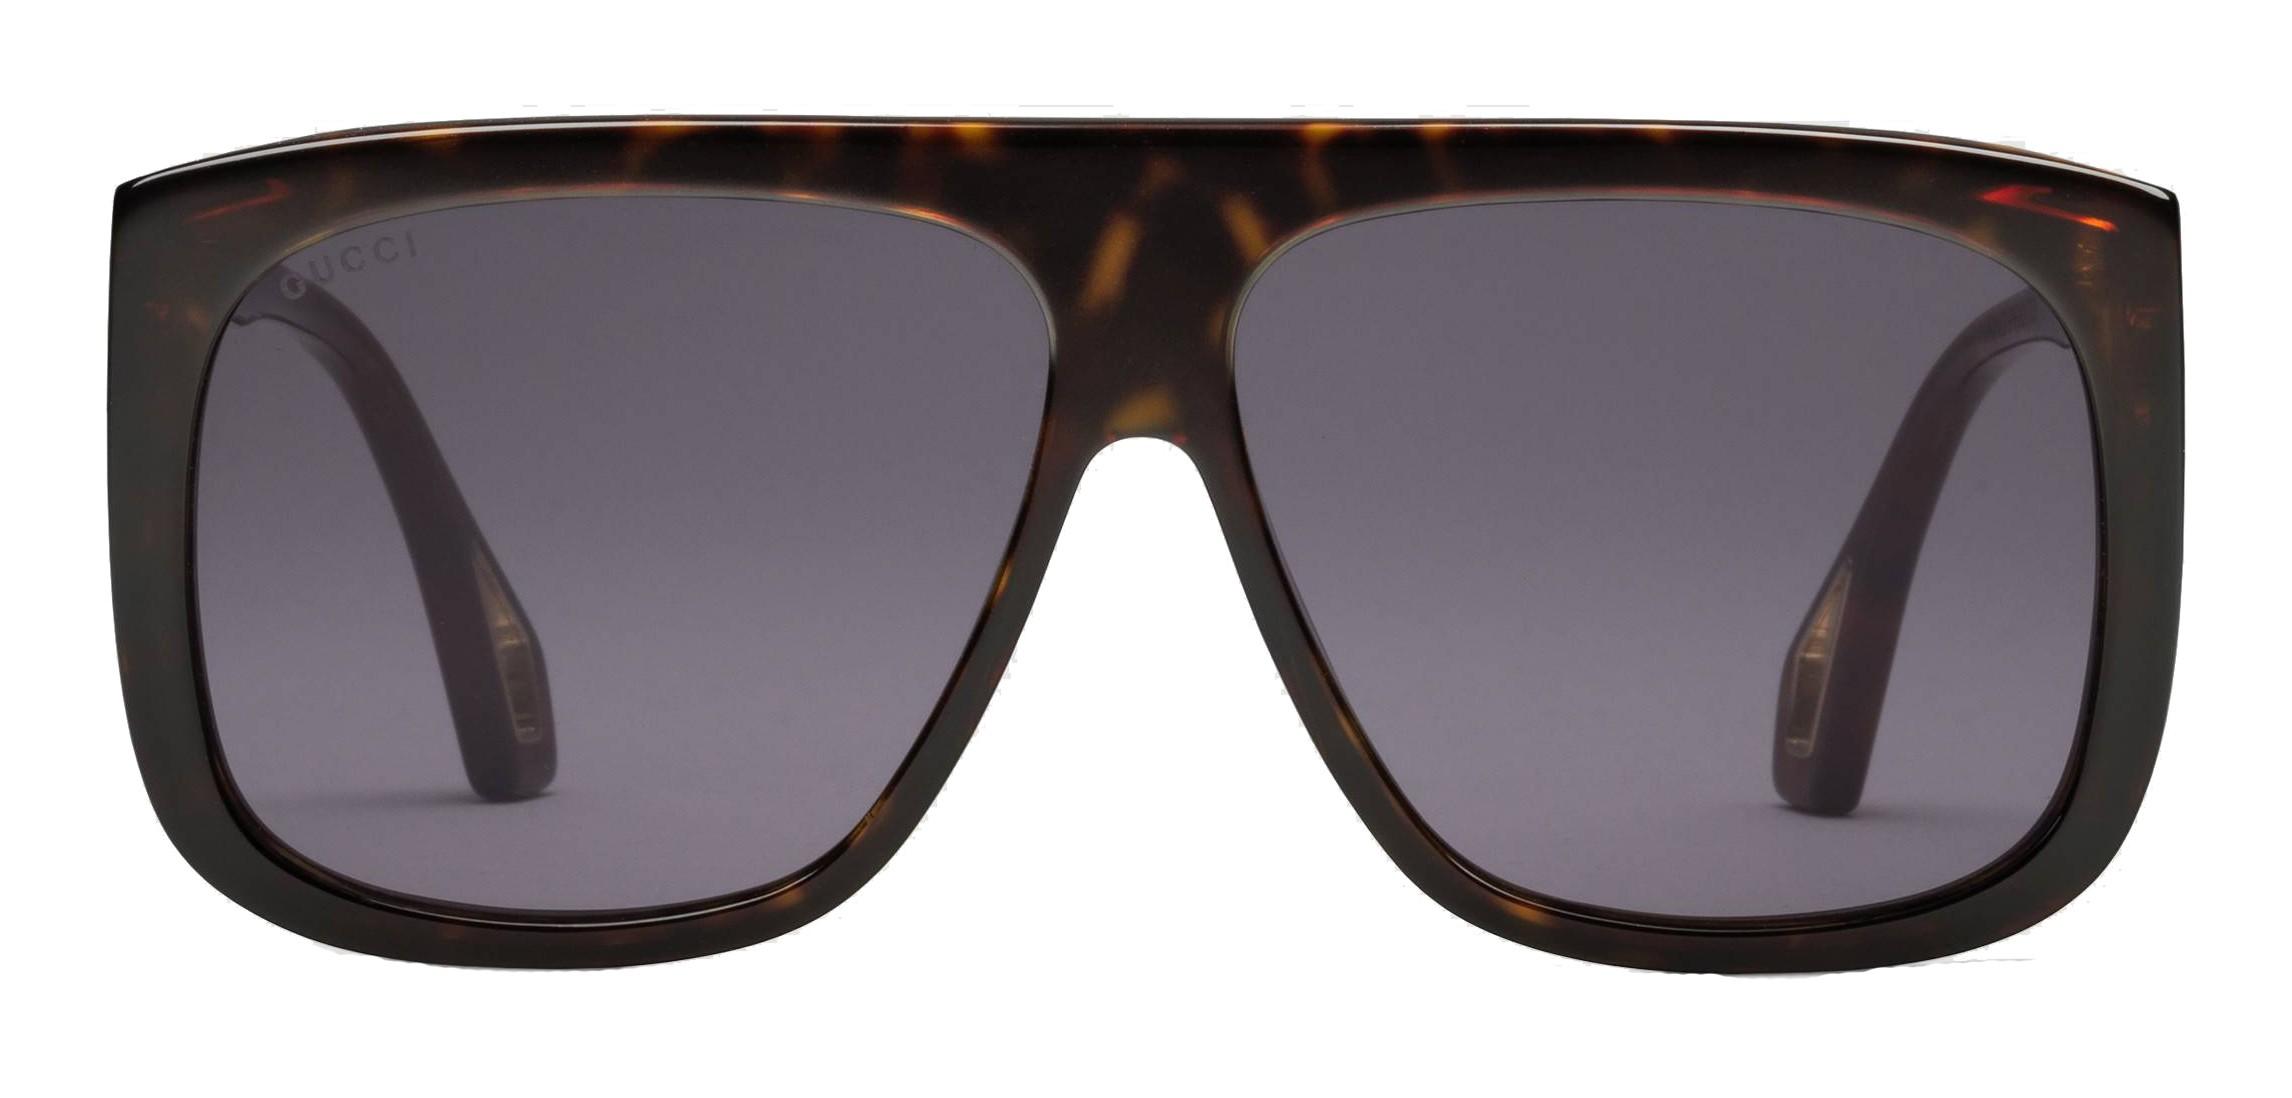 05c9aa906d Gucci - Occhiali da Sole Quadrati con Protezioni Laterali - Ambra  Tartarugato Lucido - Gucci Eyewear - Avvenice